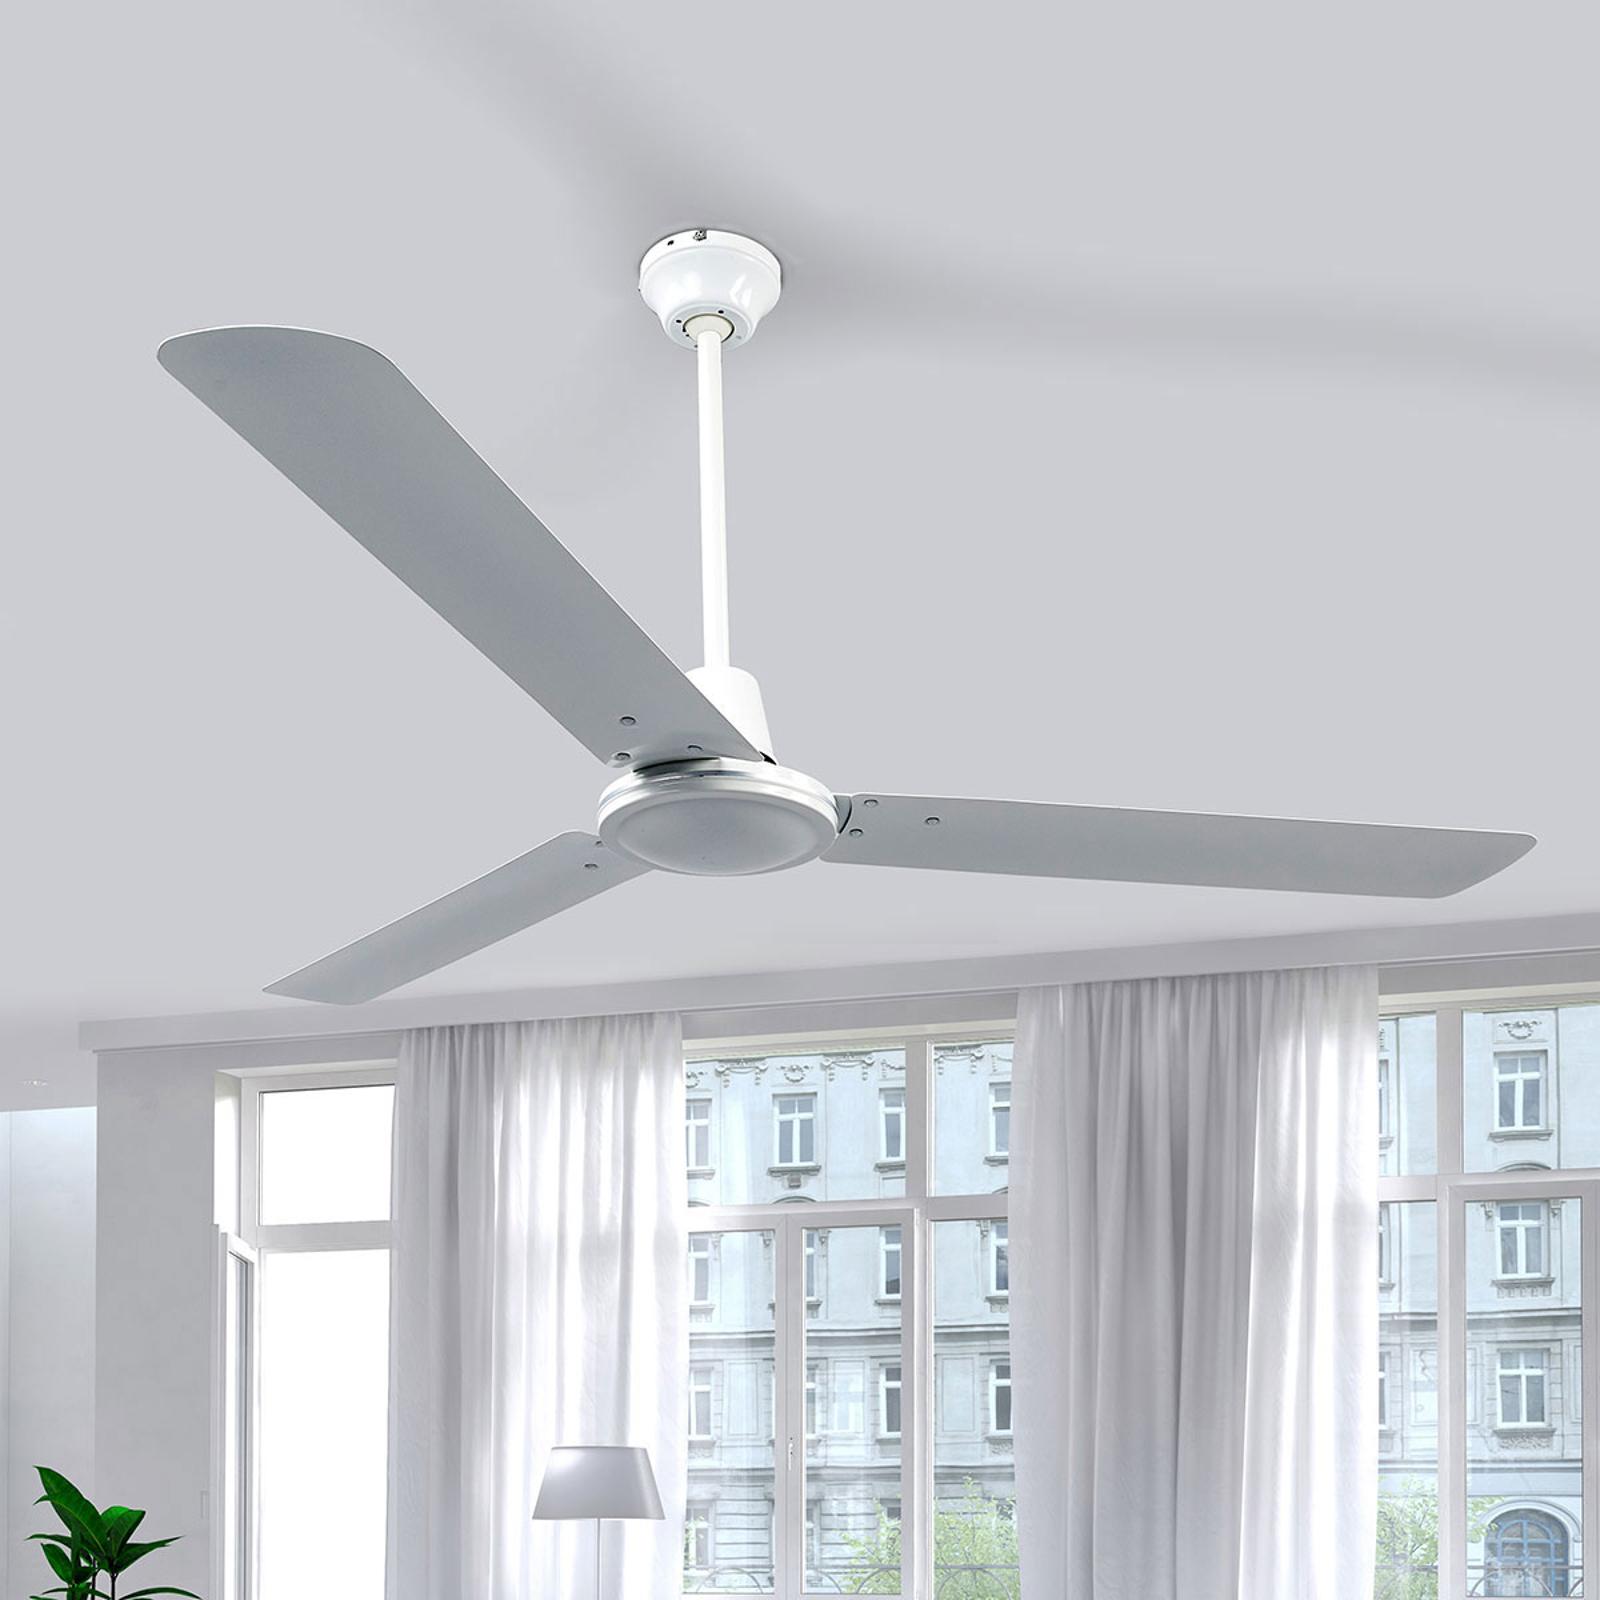 Witte plafondventilator Dawinja met 3 vleugels